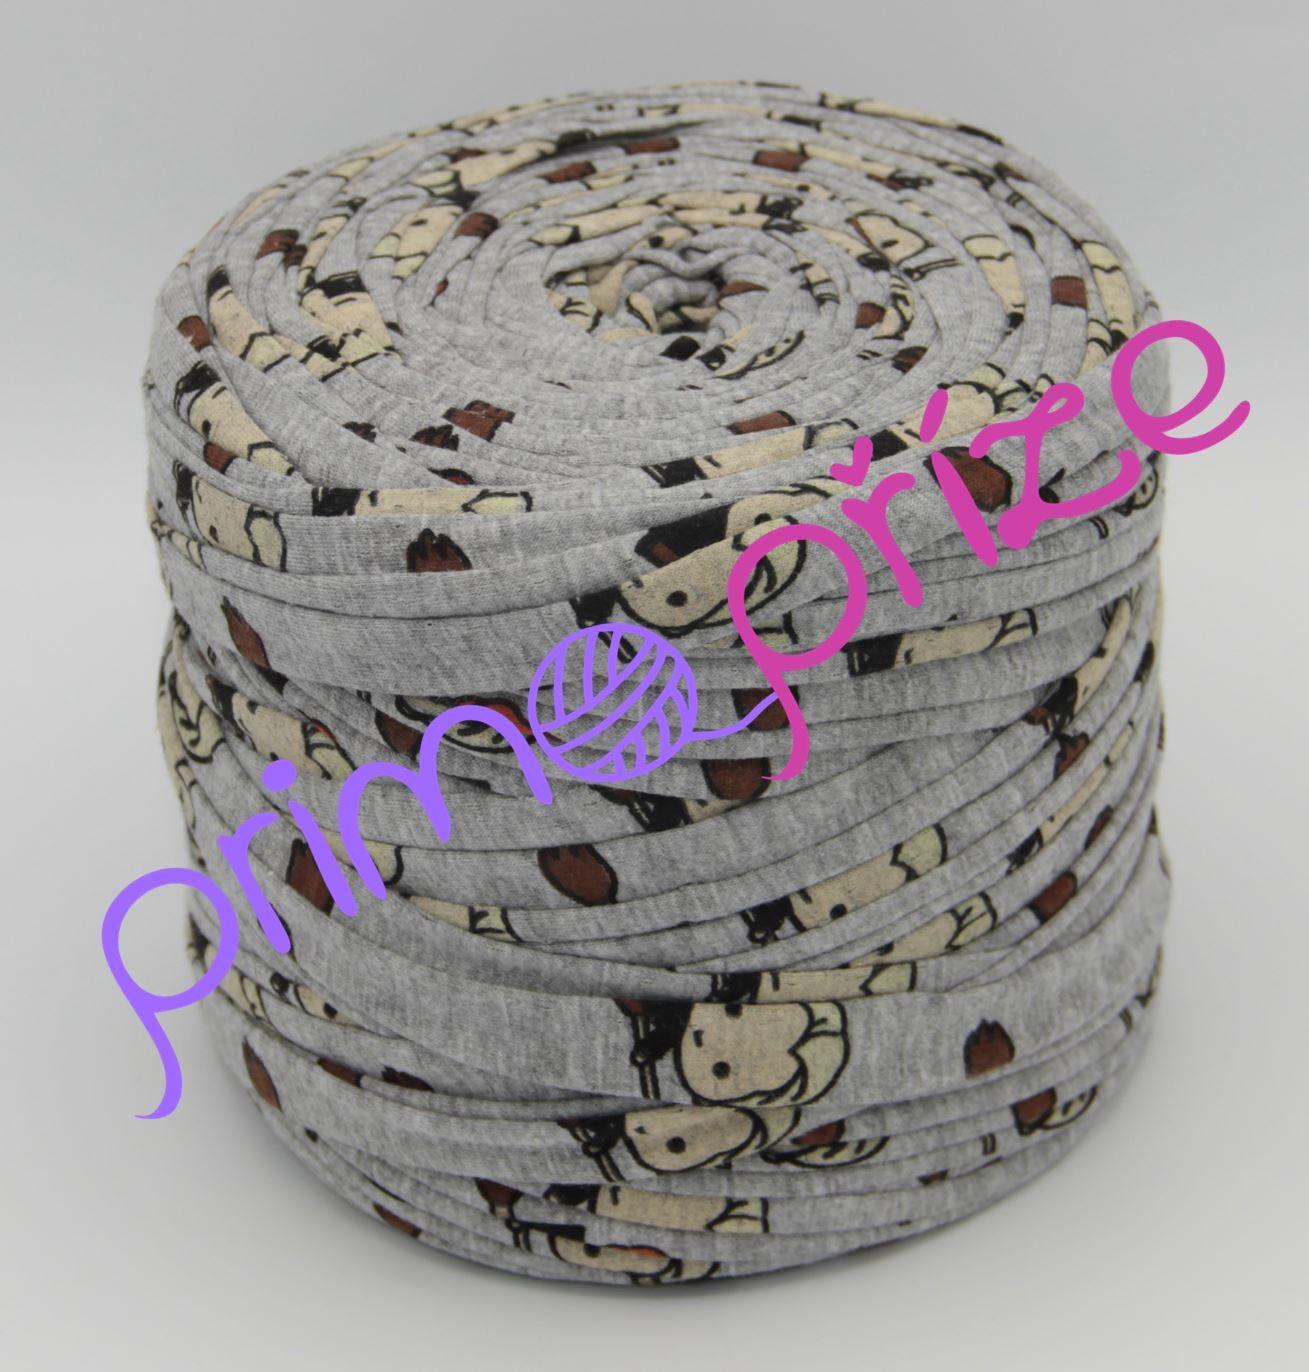 """Zahraniční textilní příze """"špagáty"""" ZTP1112410 šedá s potiskem panenek"""